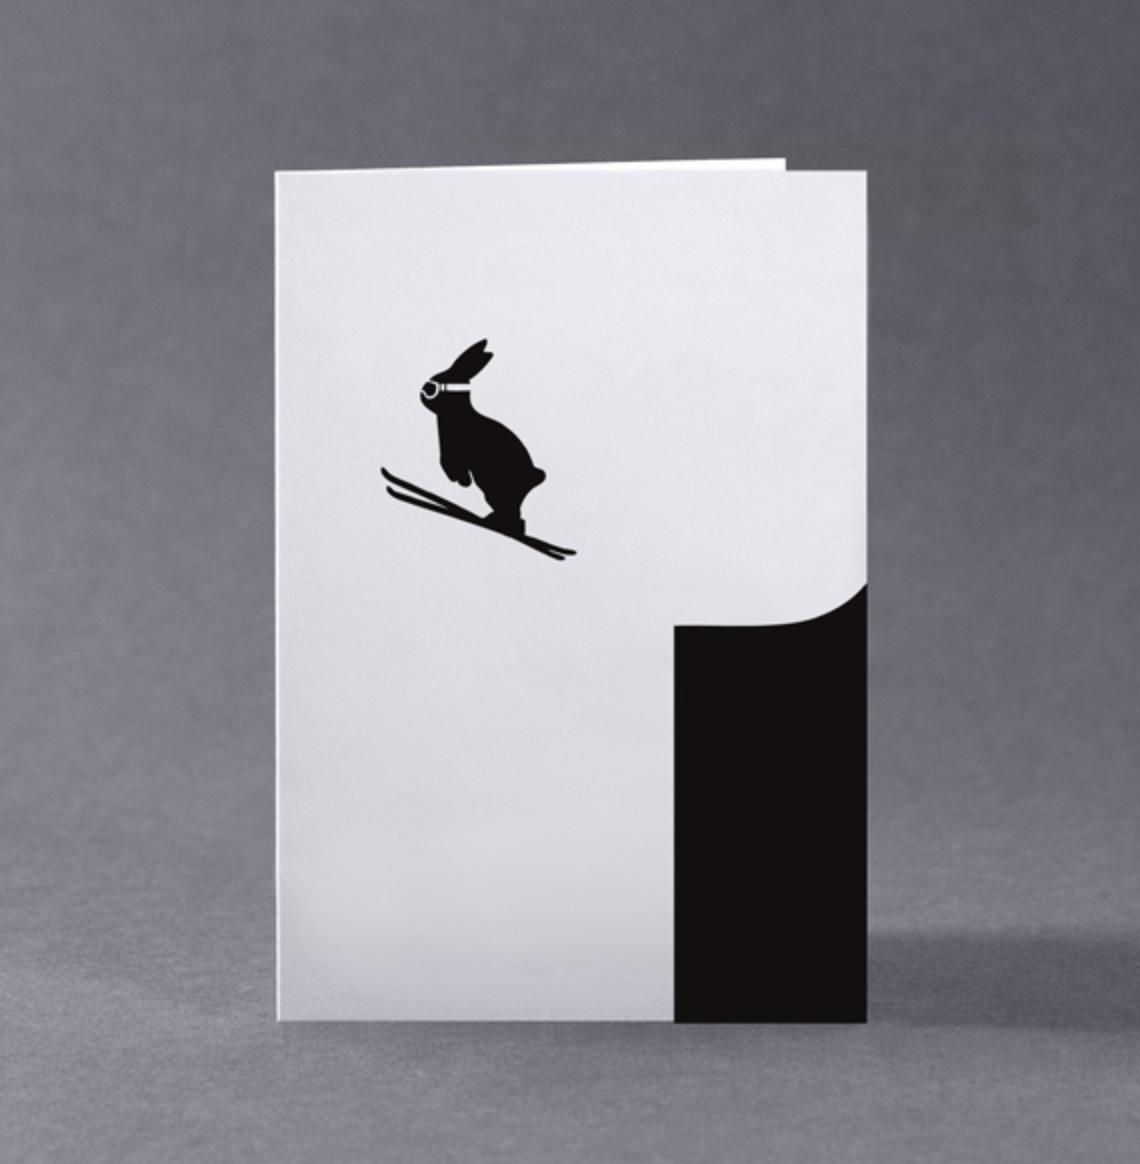 HAM Vánoční přání s králíkem Ski Jumping Rabbit, černá barva, papír